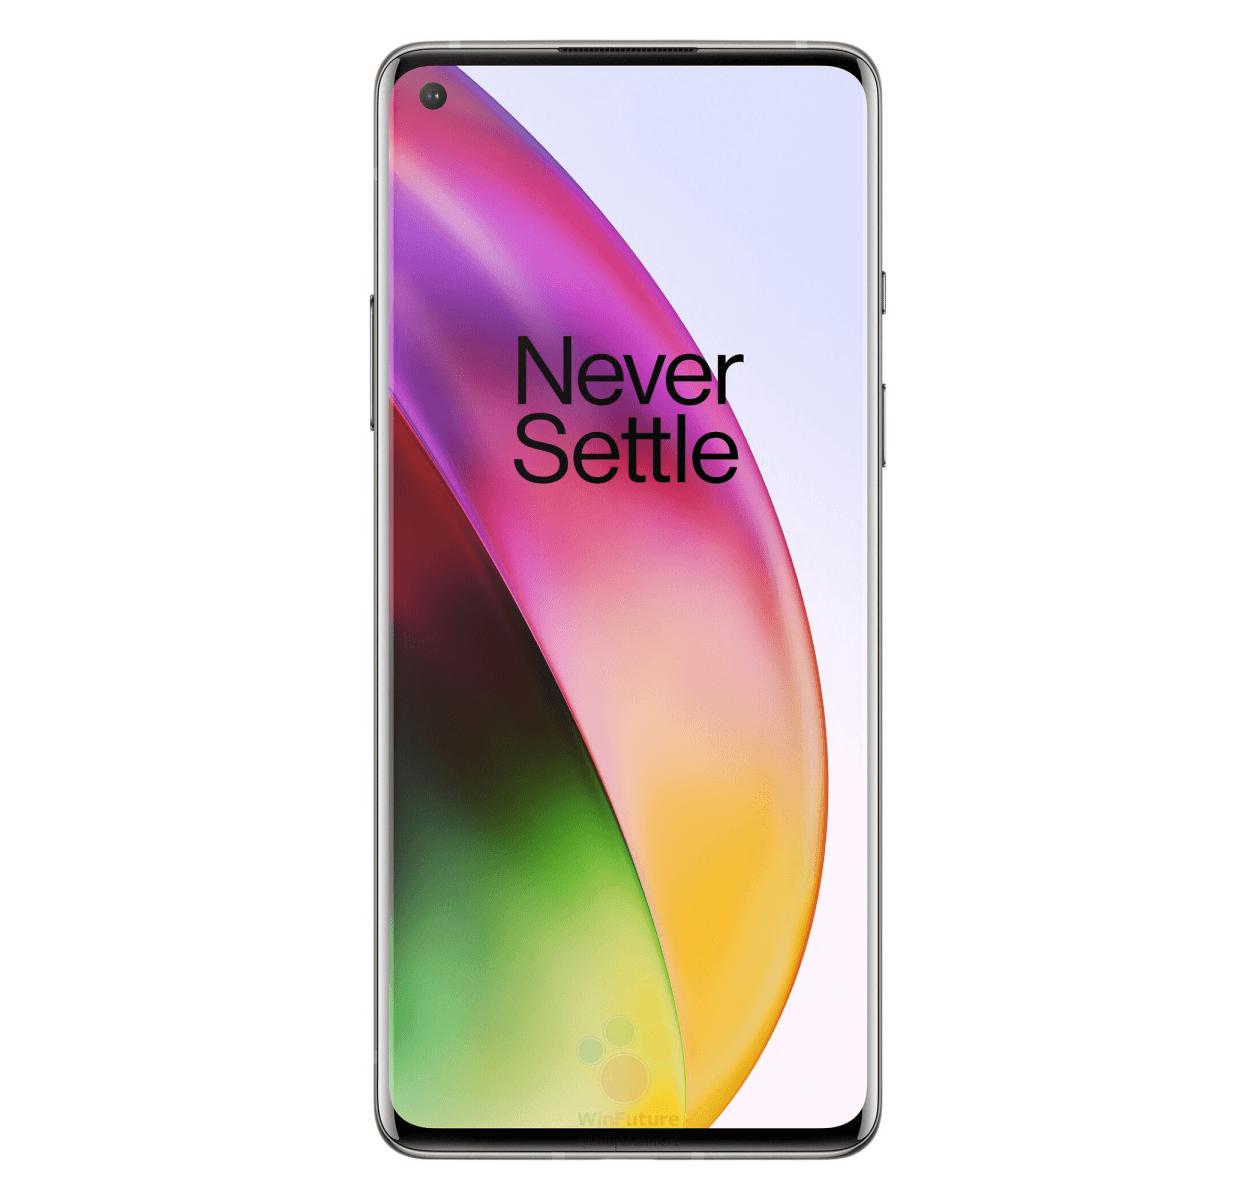 OnePlus-8-1585481890-0-0 (1)